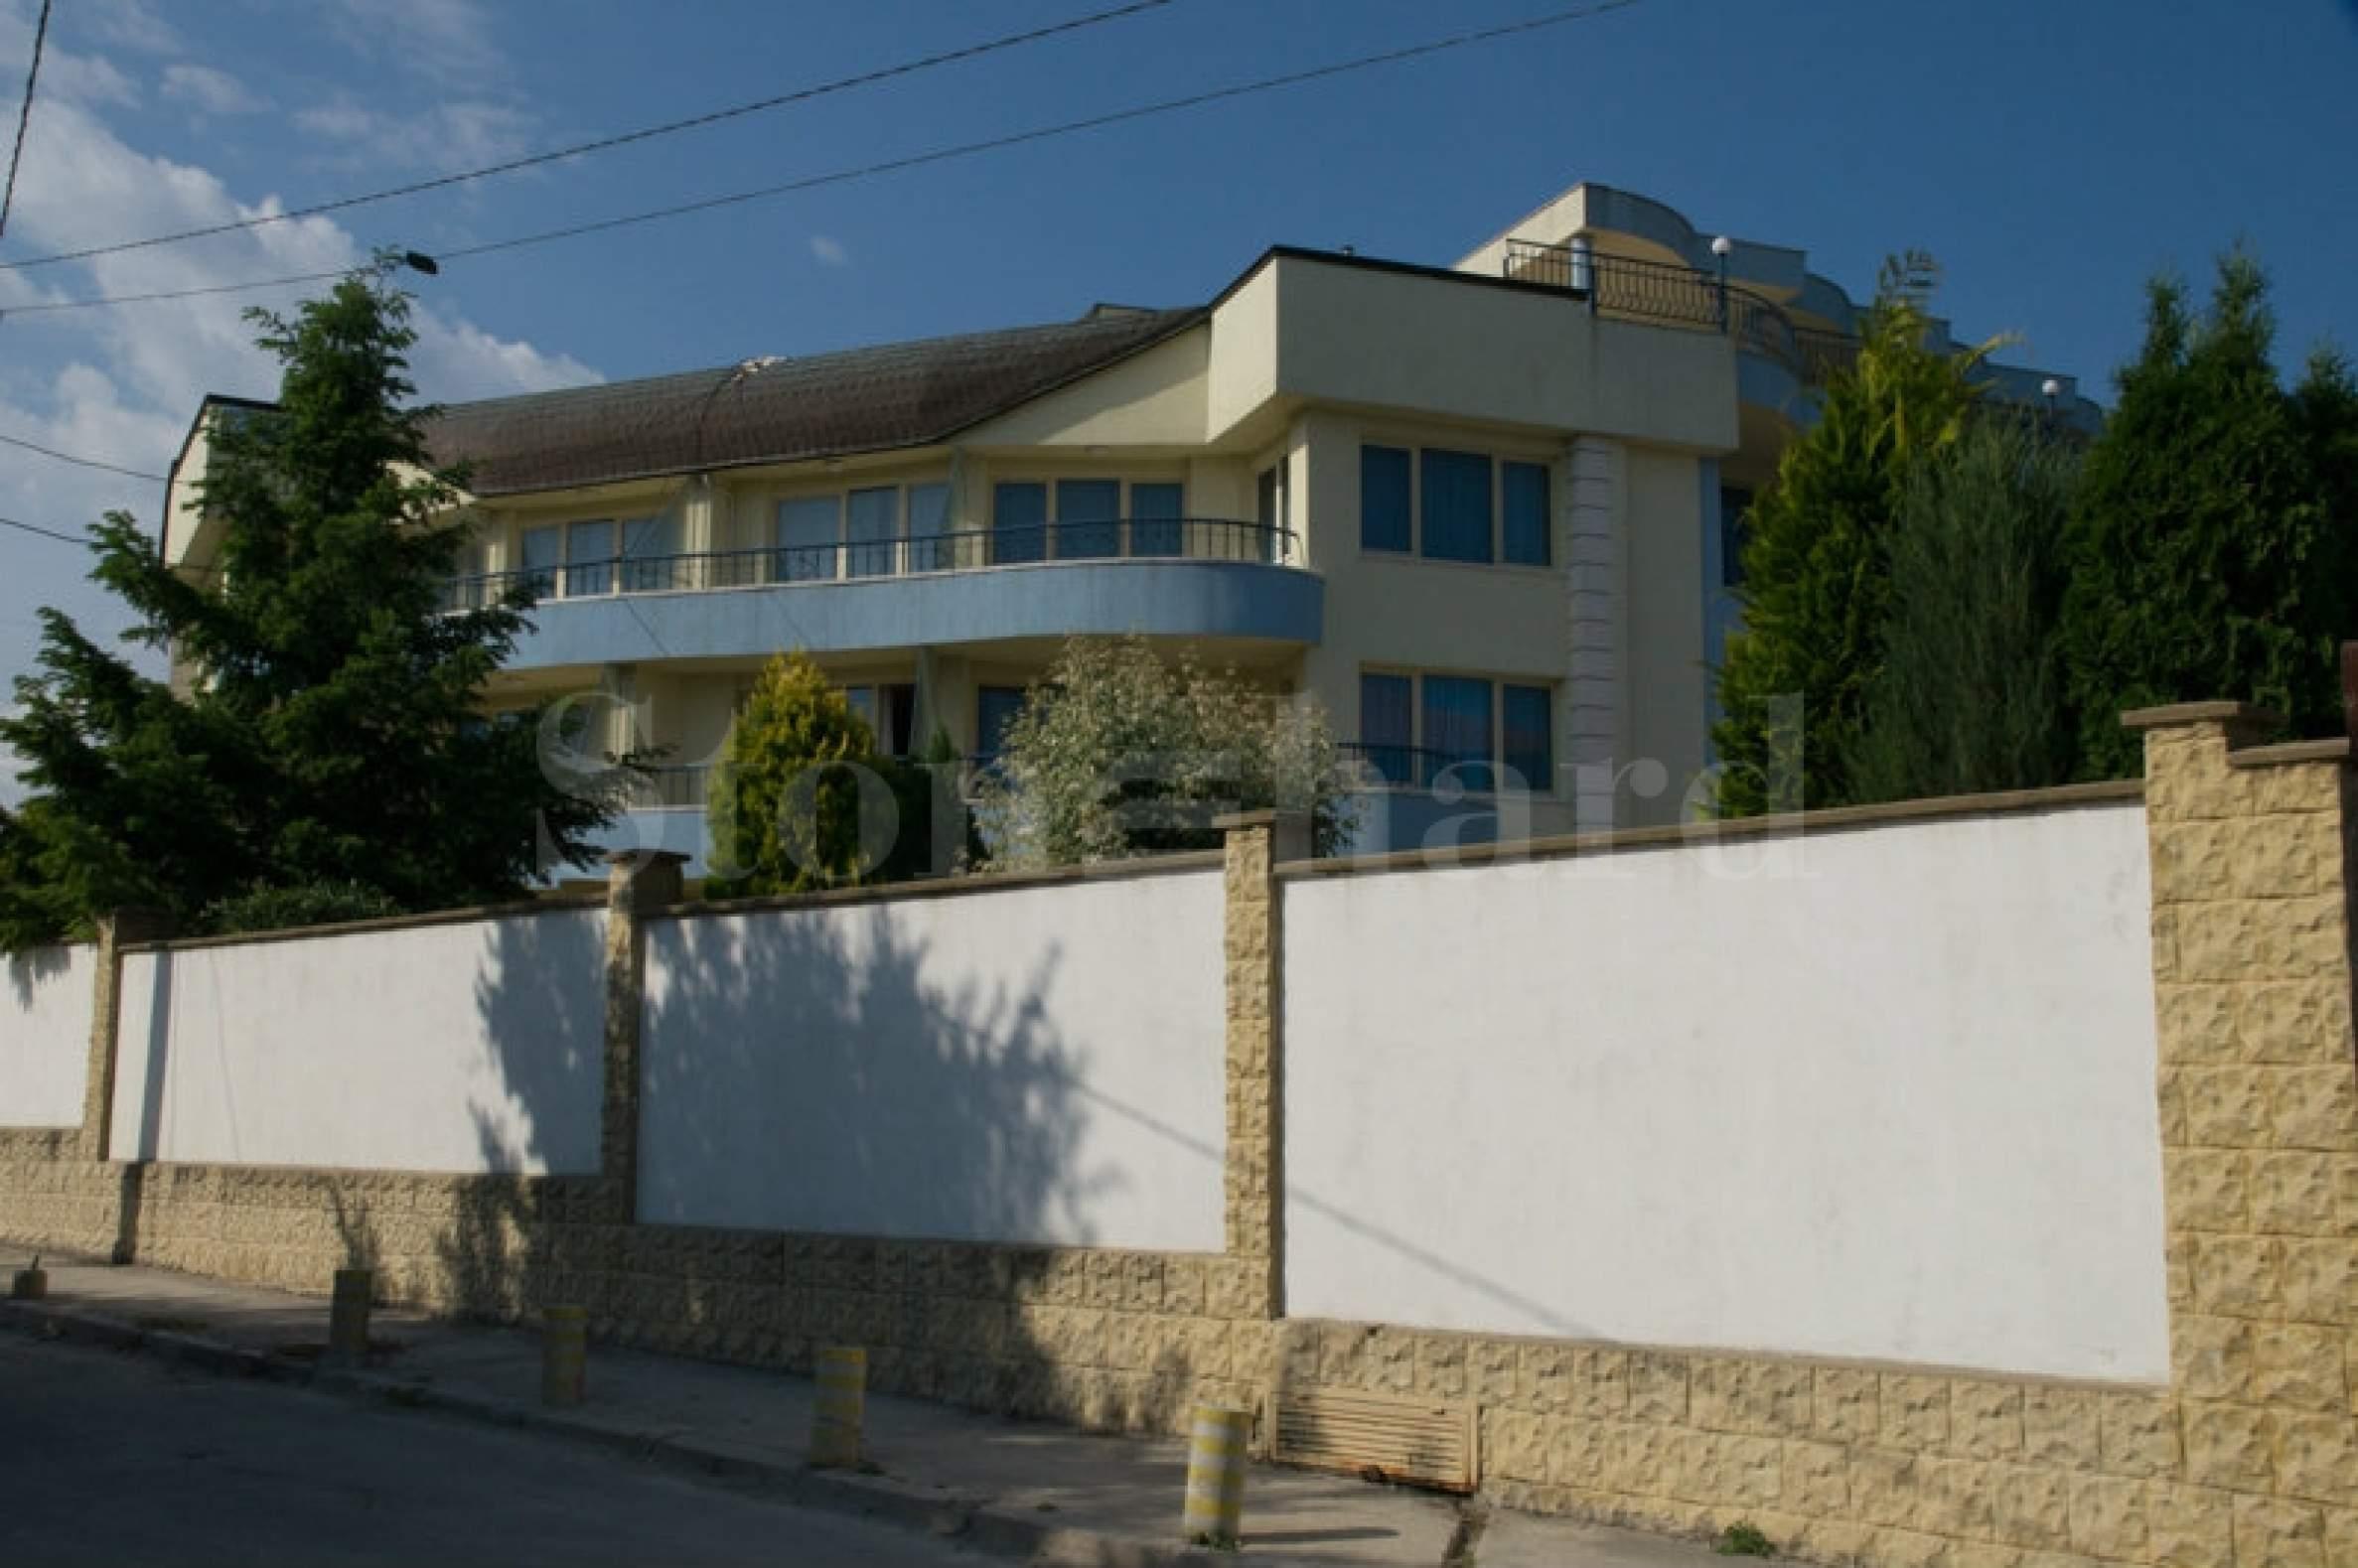 Пететажен хотел в местност Траката2 - Stonehard